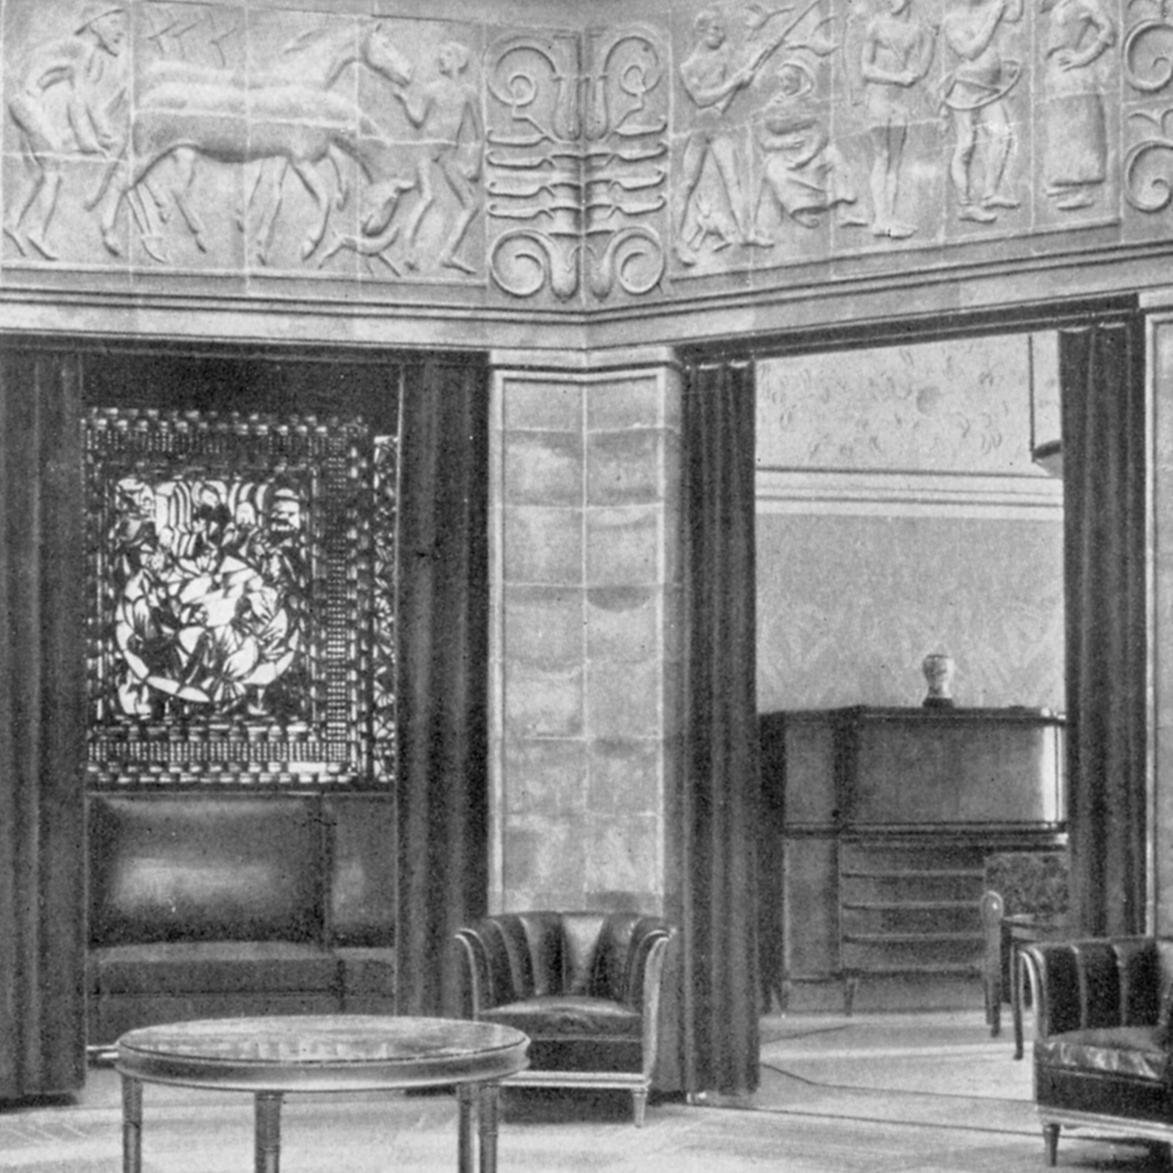 KÖLN Werkbund-Ausstellung 1914, Architekt Walter Gropius, Baukeramik aus Velten